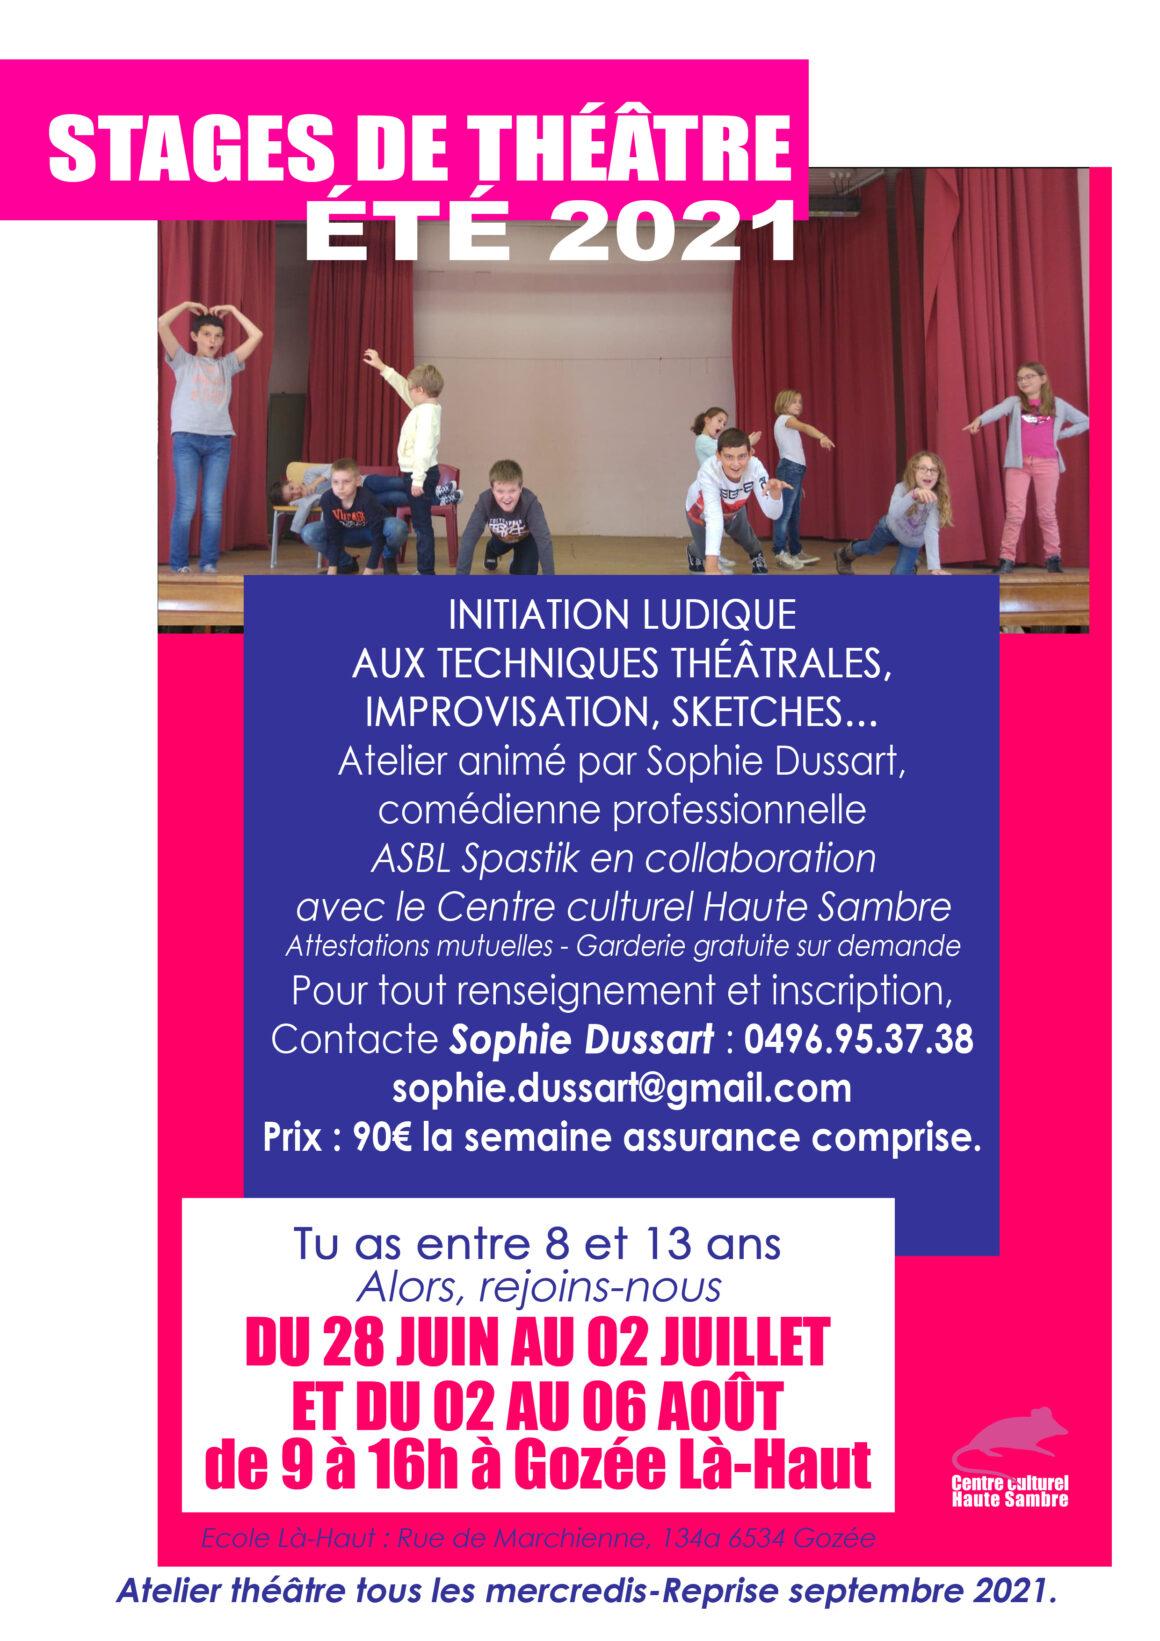 2 Stages de théâtre pour les enfants de 8 à 13 ans à Gozée